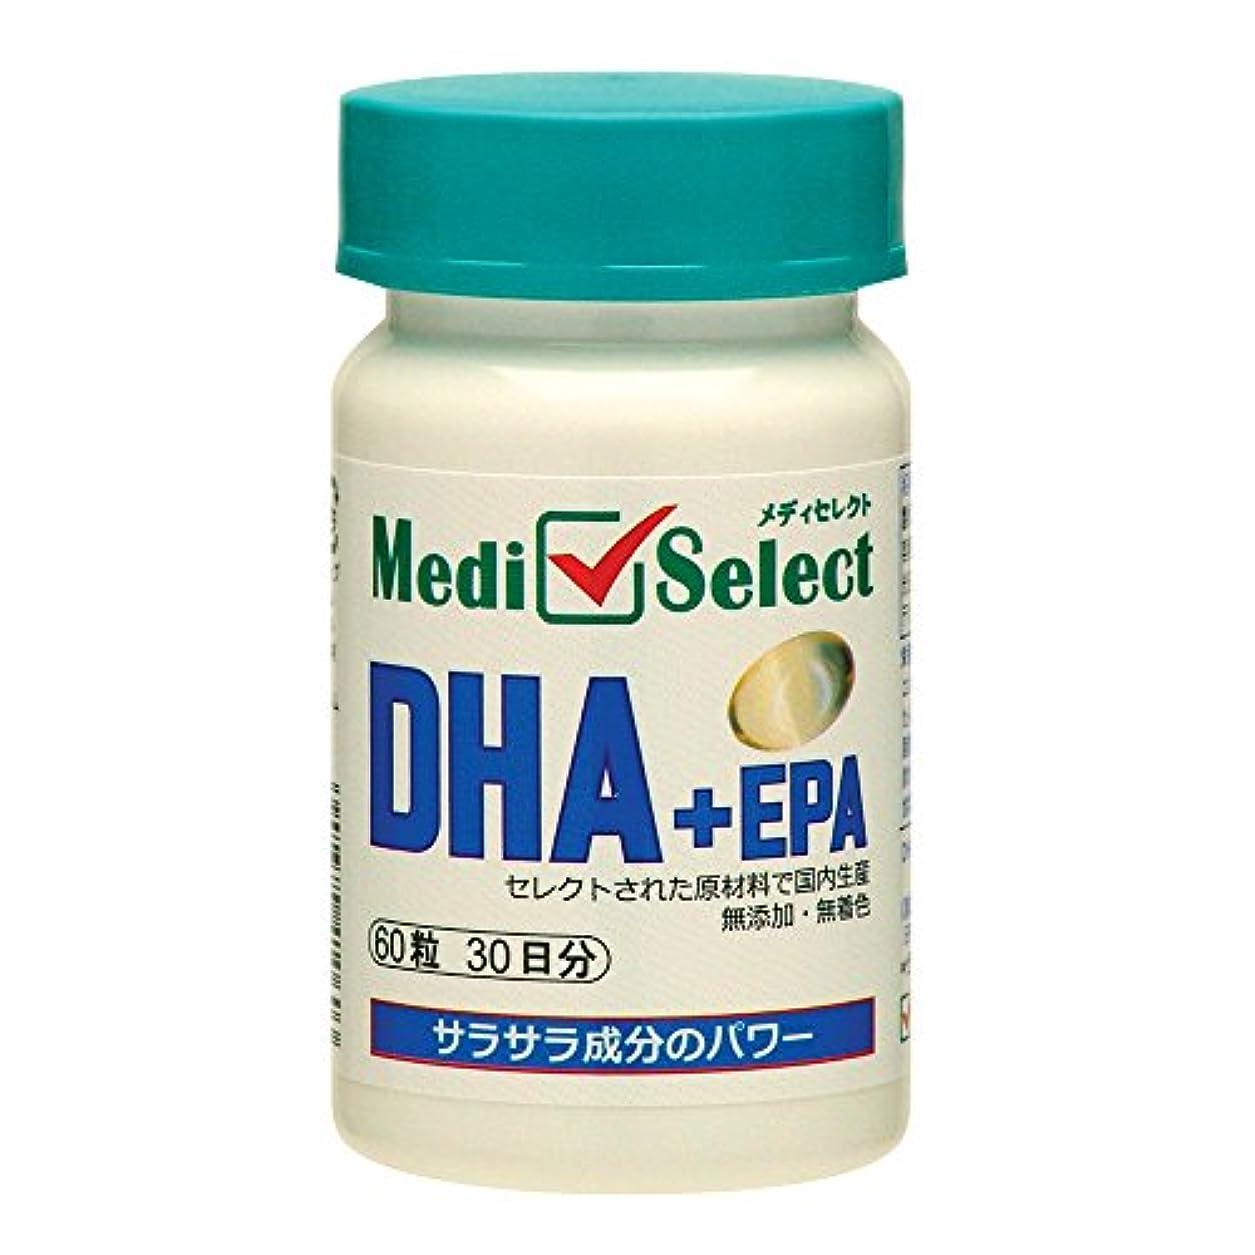 階層不器用つづりメディセレクト DHA+EPA 60粒(30日分)